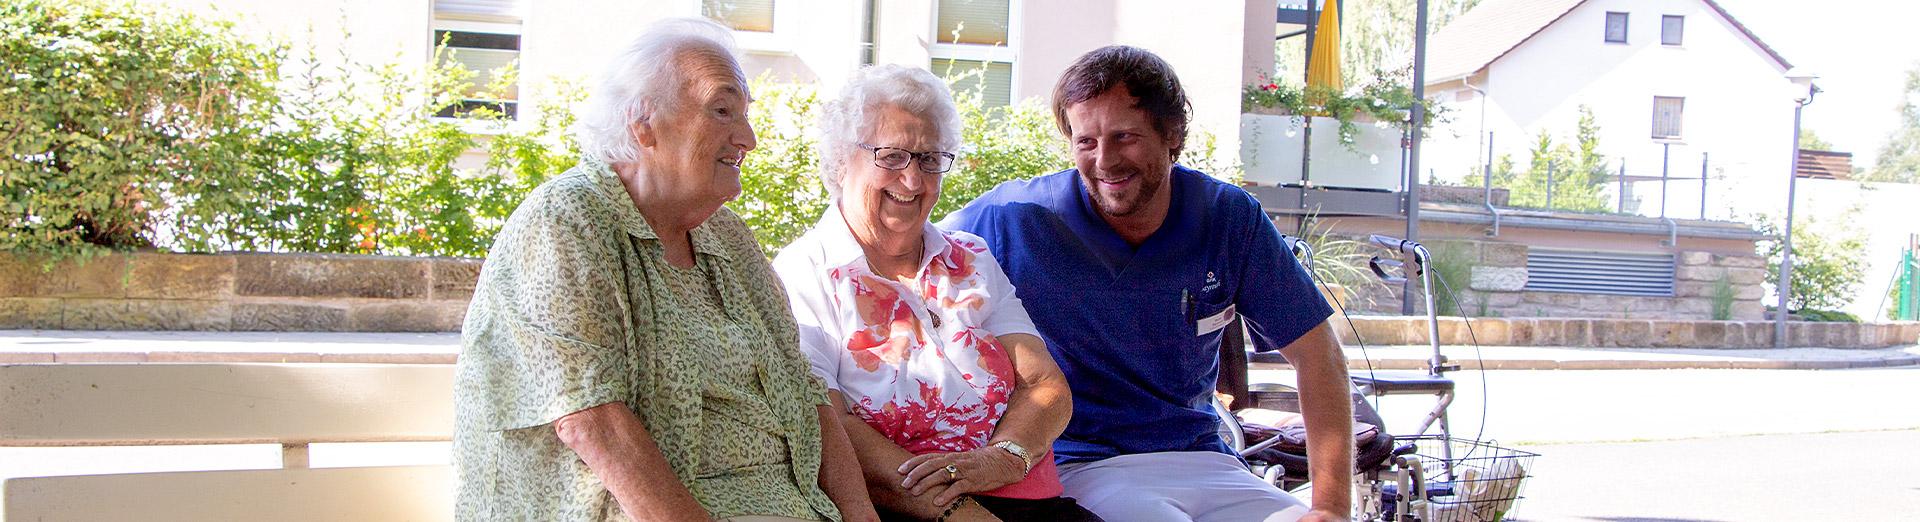 Pfleger und Bewonerinnen auf einer Parkbank bei einem Ausflug